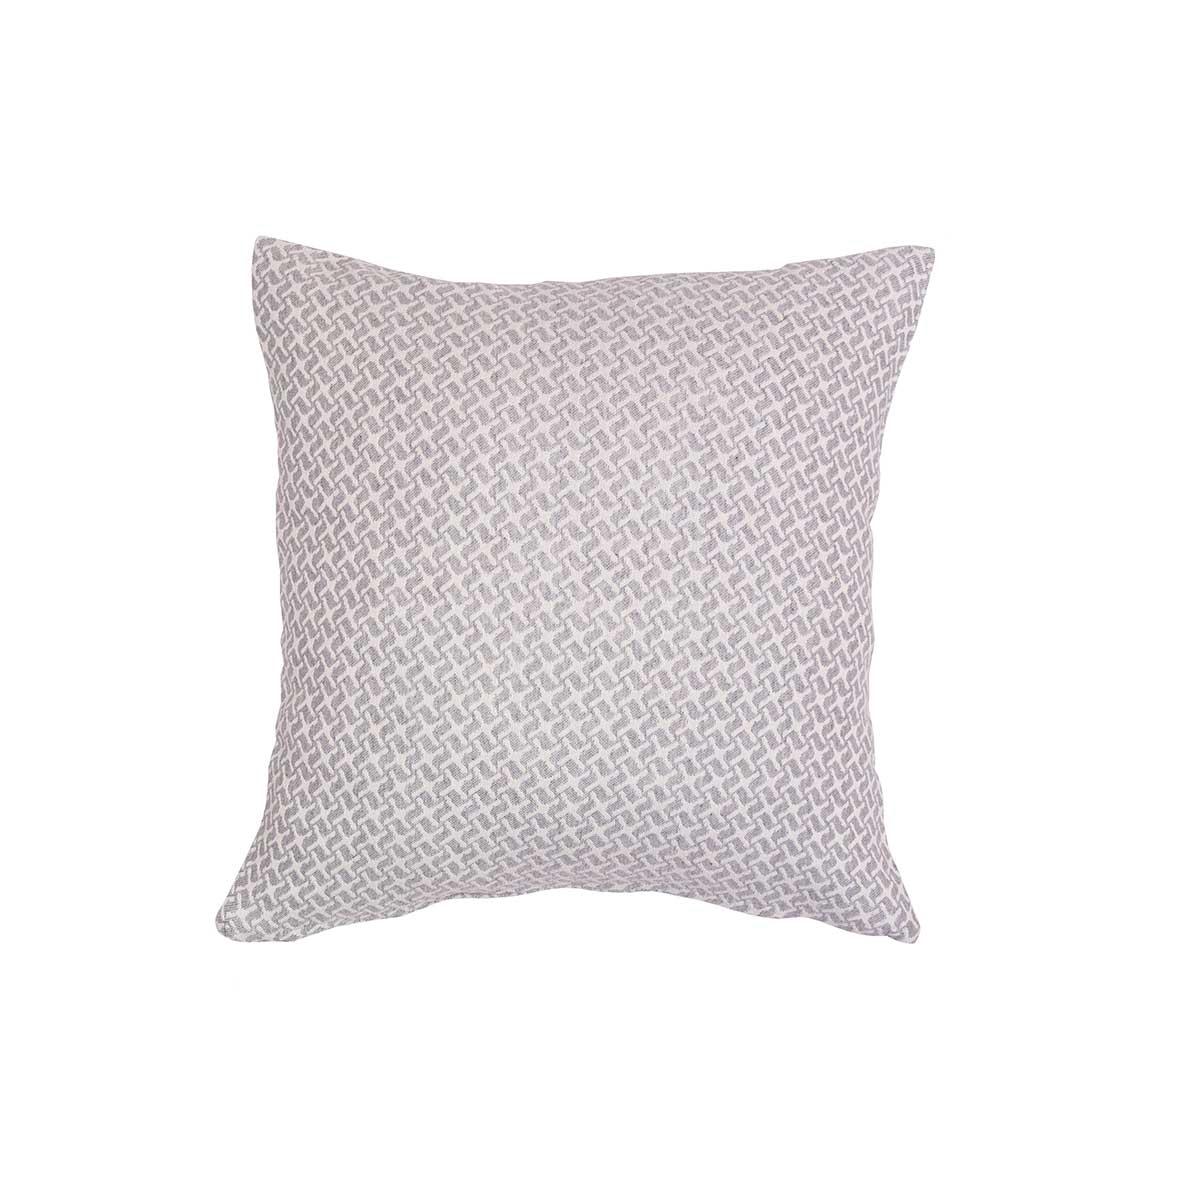 Διακοσμητική Μαξιλαροθήκη (40×40) Loom To Room Dimi Light Grey